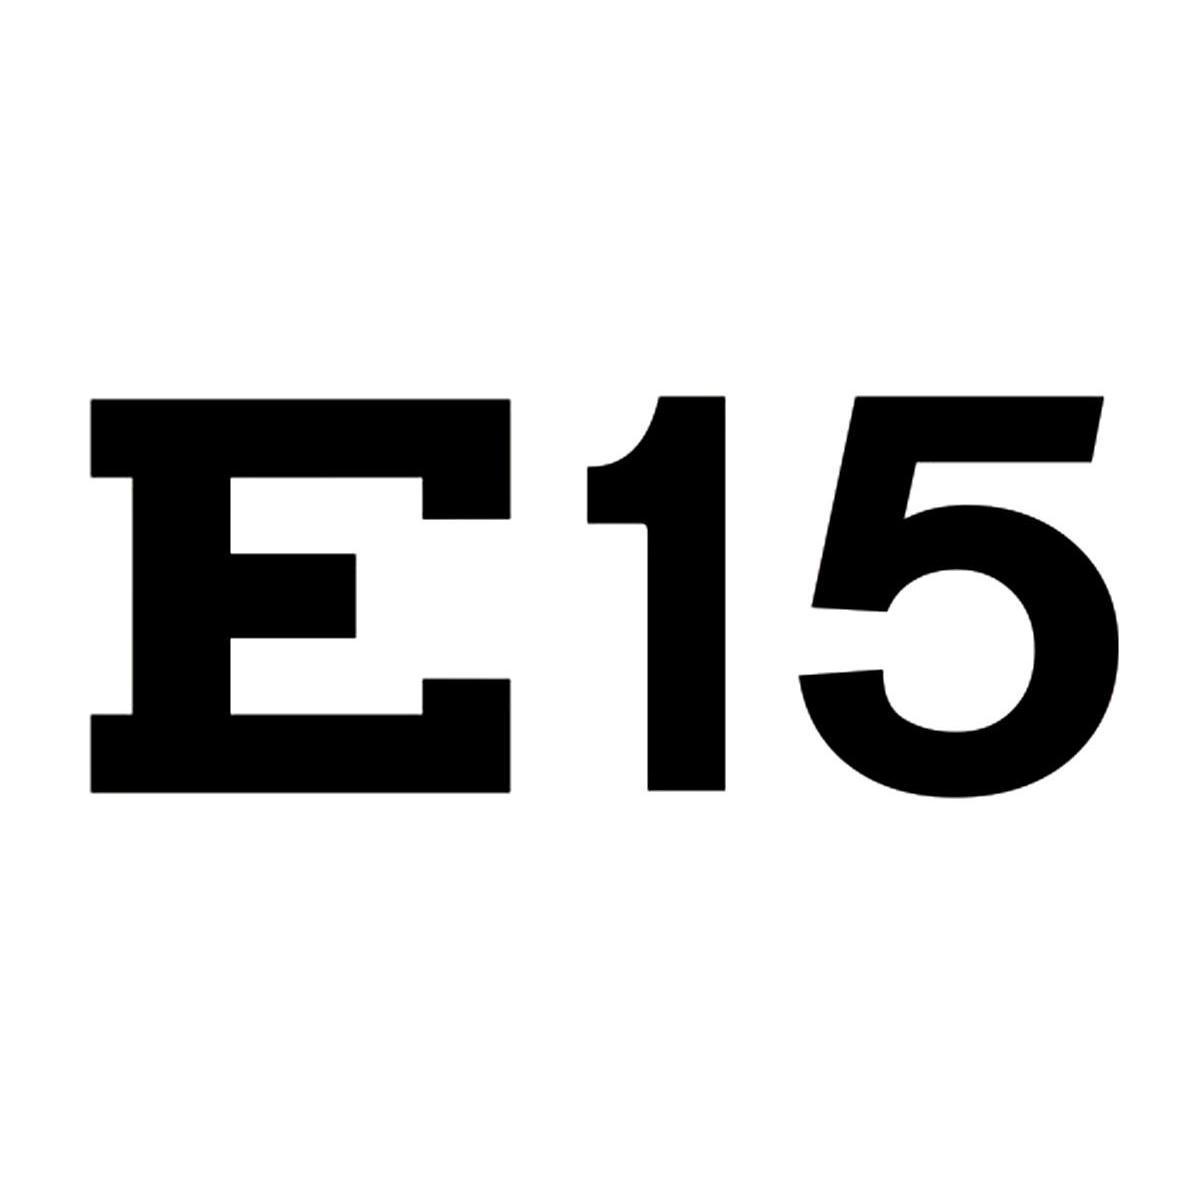 E15商标转让